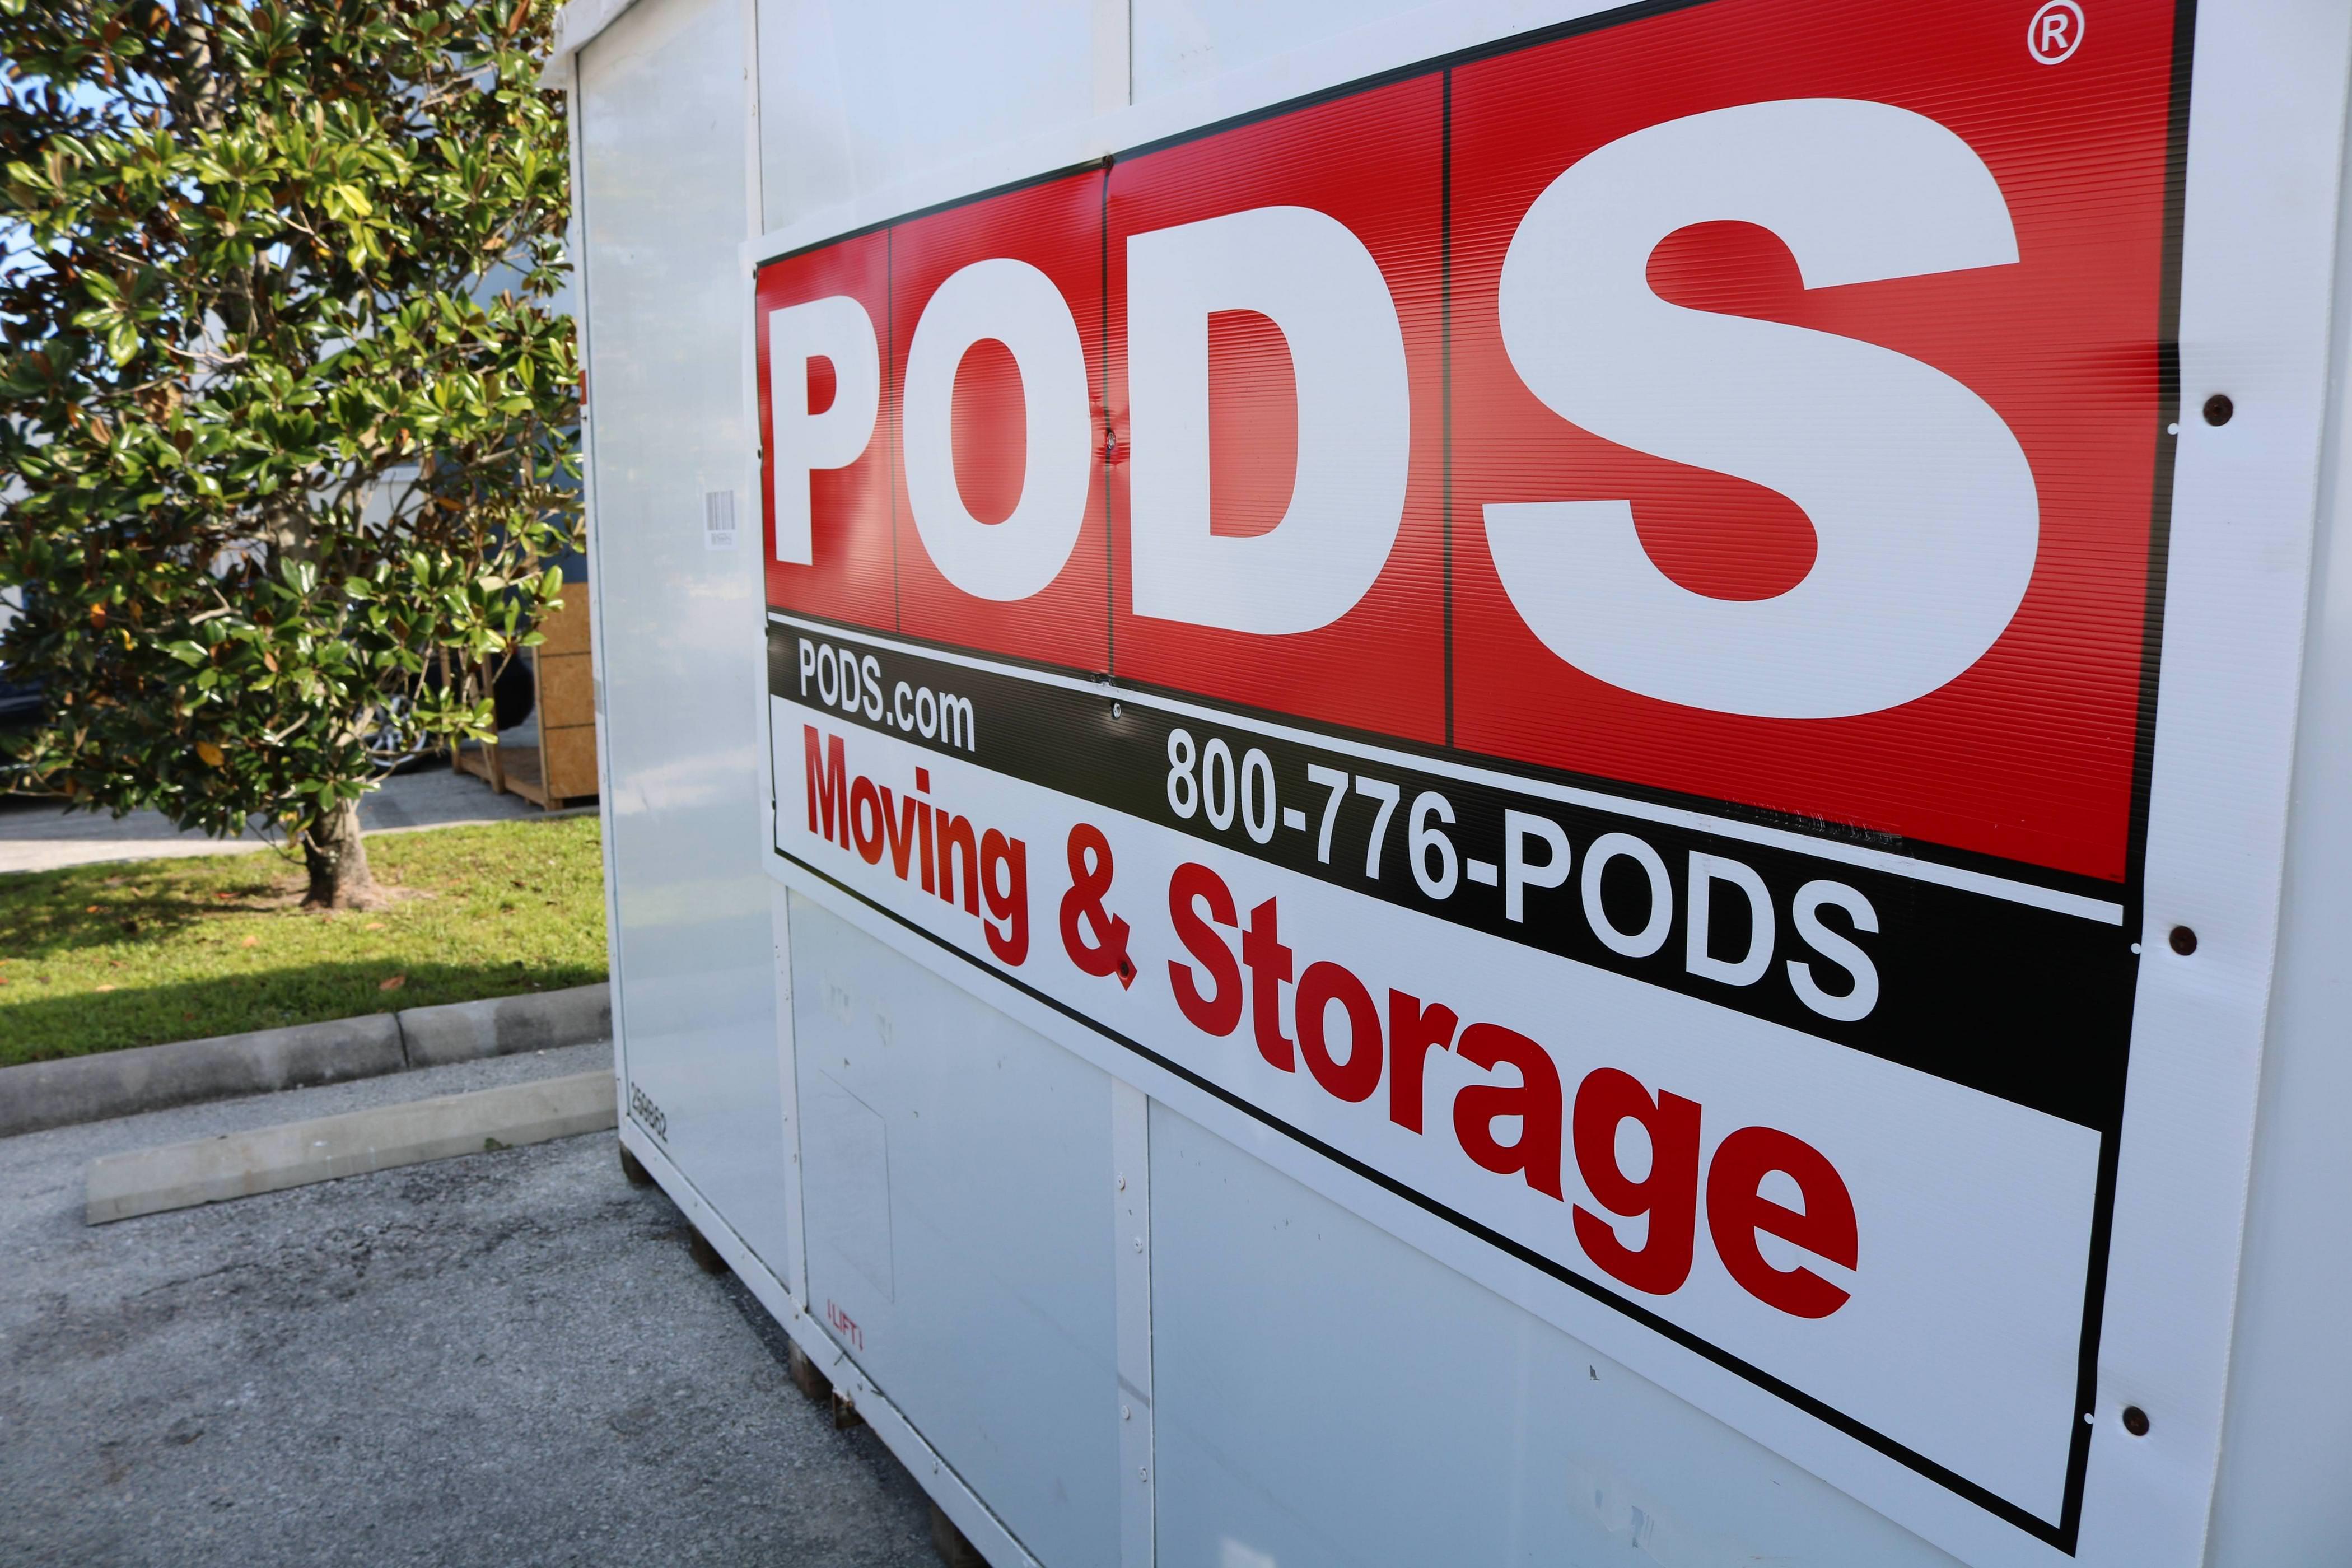 PODS - Santa Rosa, CA